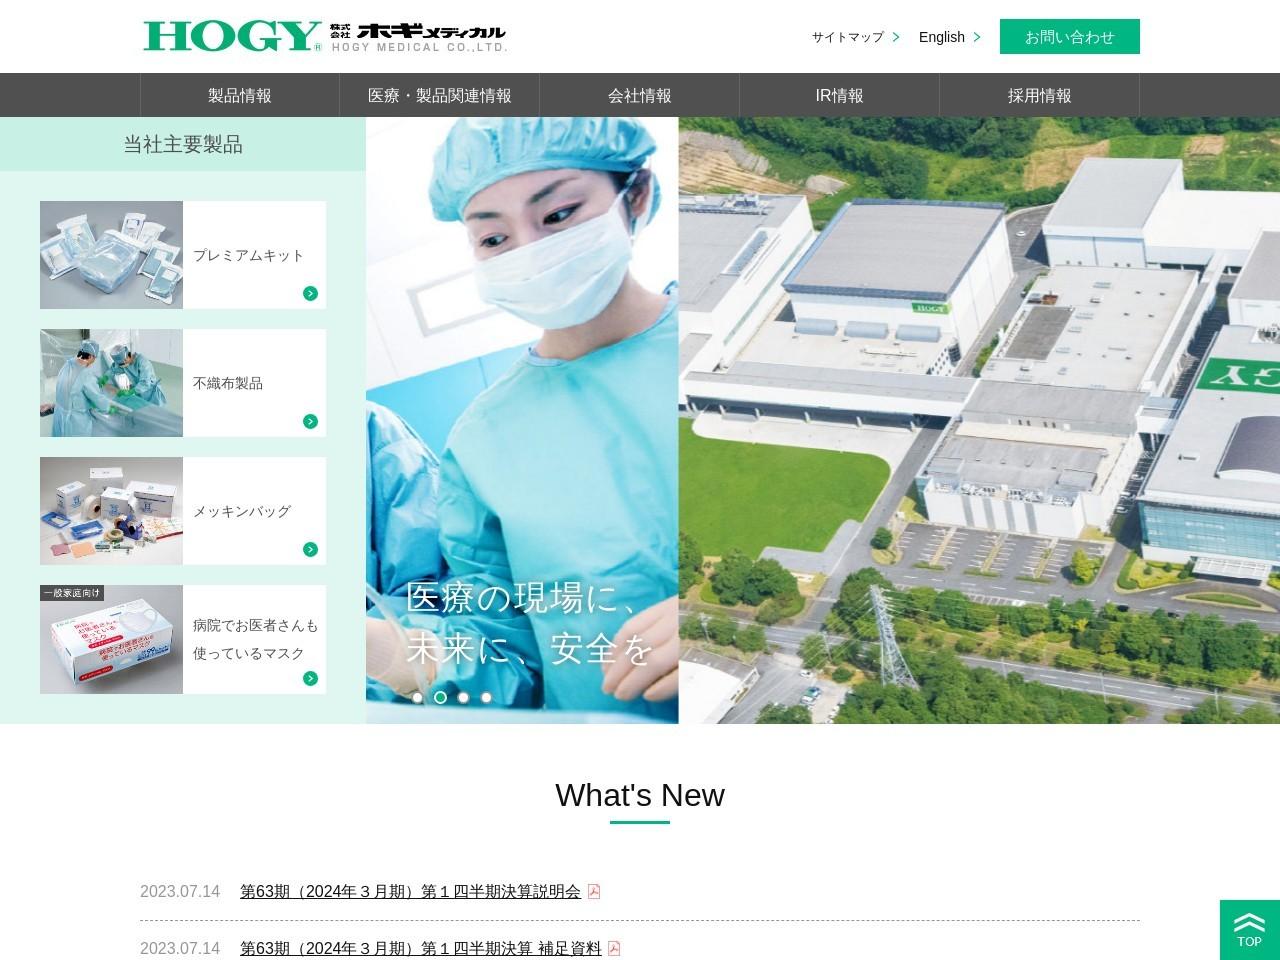 株式会社ホギメディカル盛岡営業所